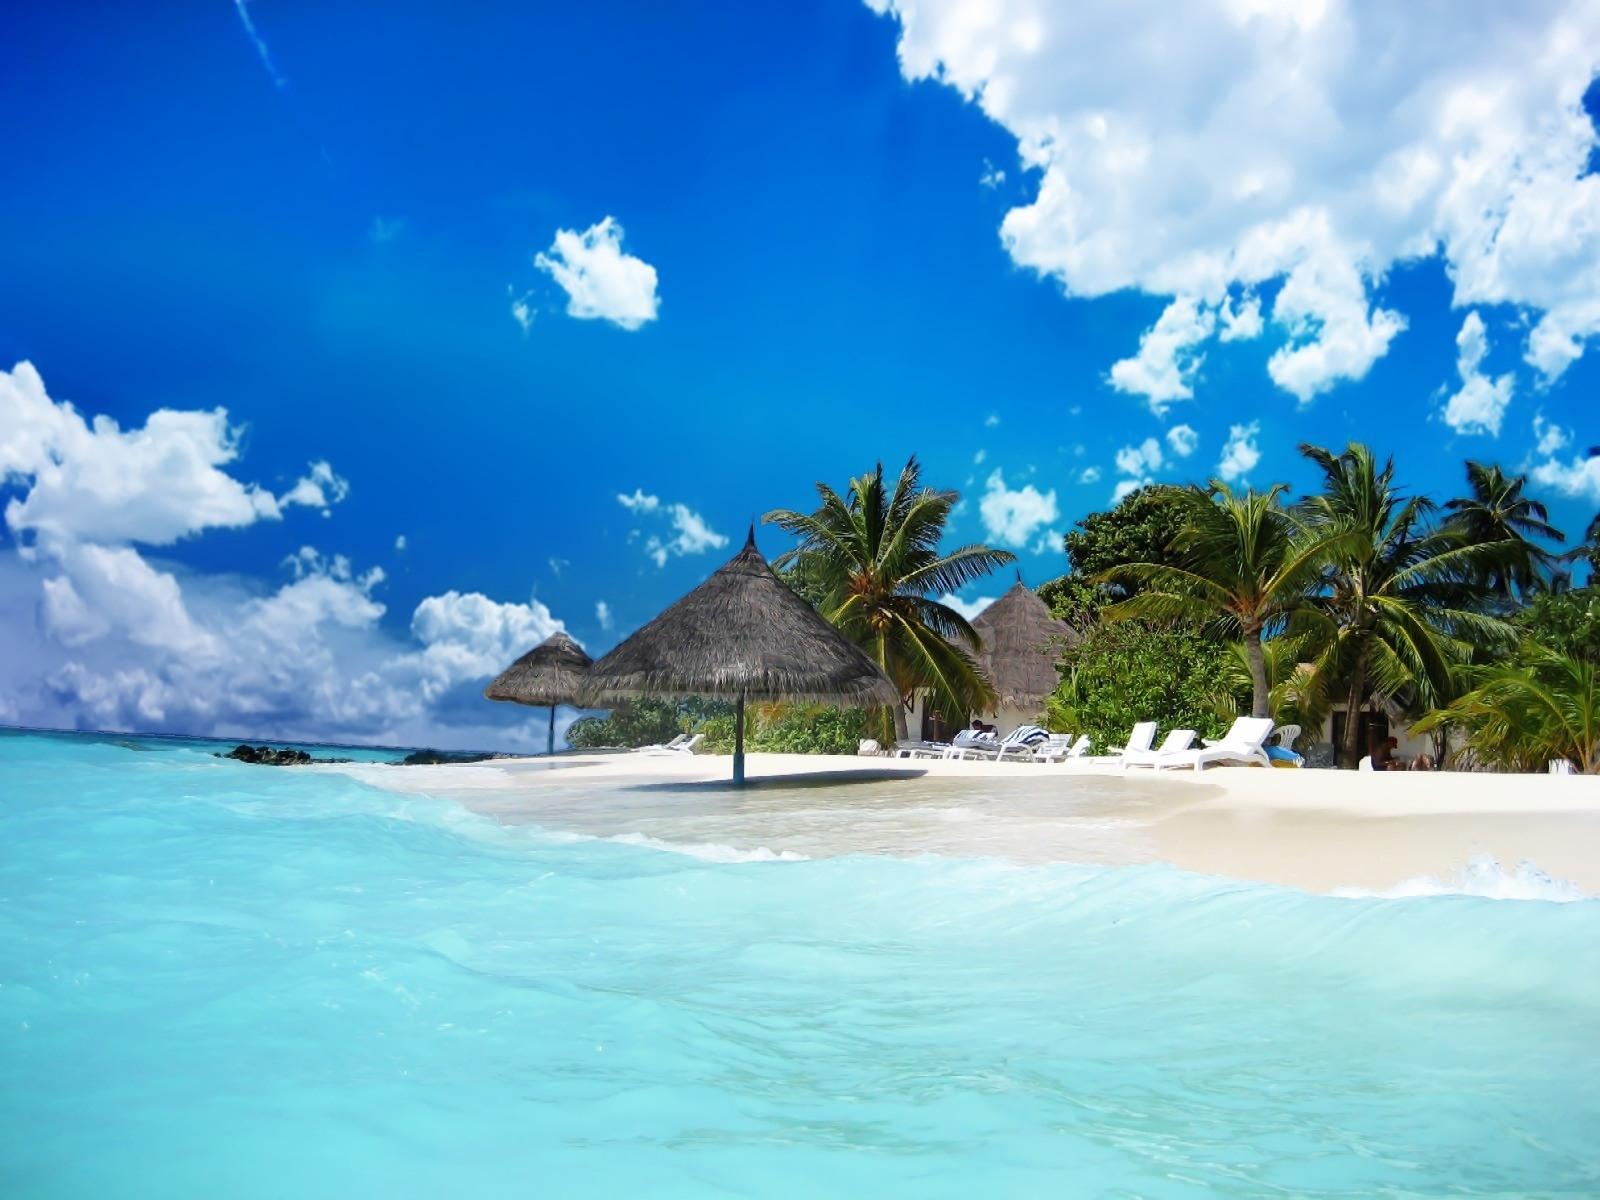 Beaches Islands HD Wallpapers Beach Desktop Backgrounds Images 1600x1200